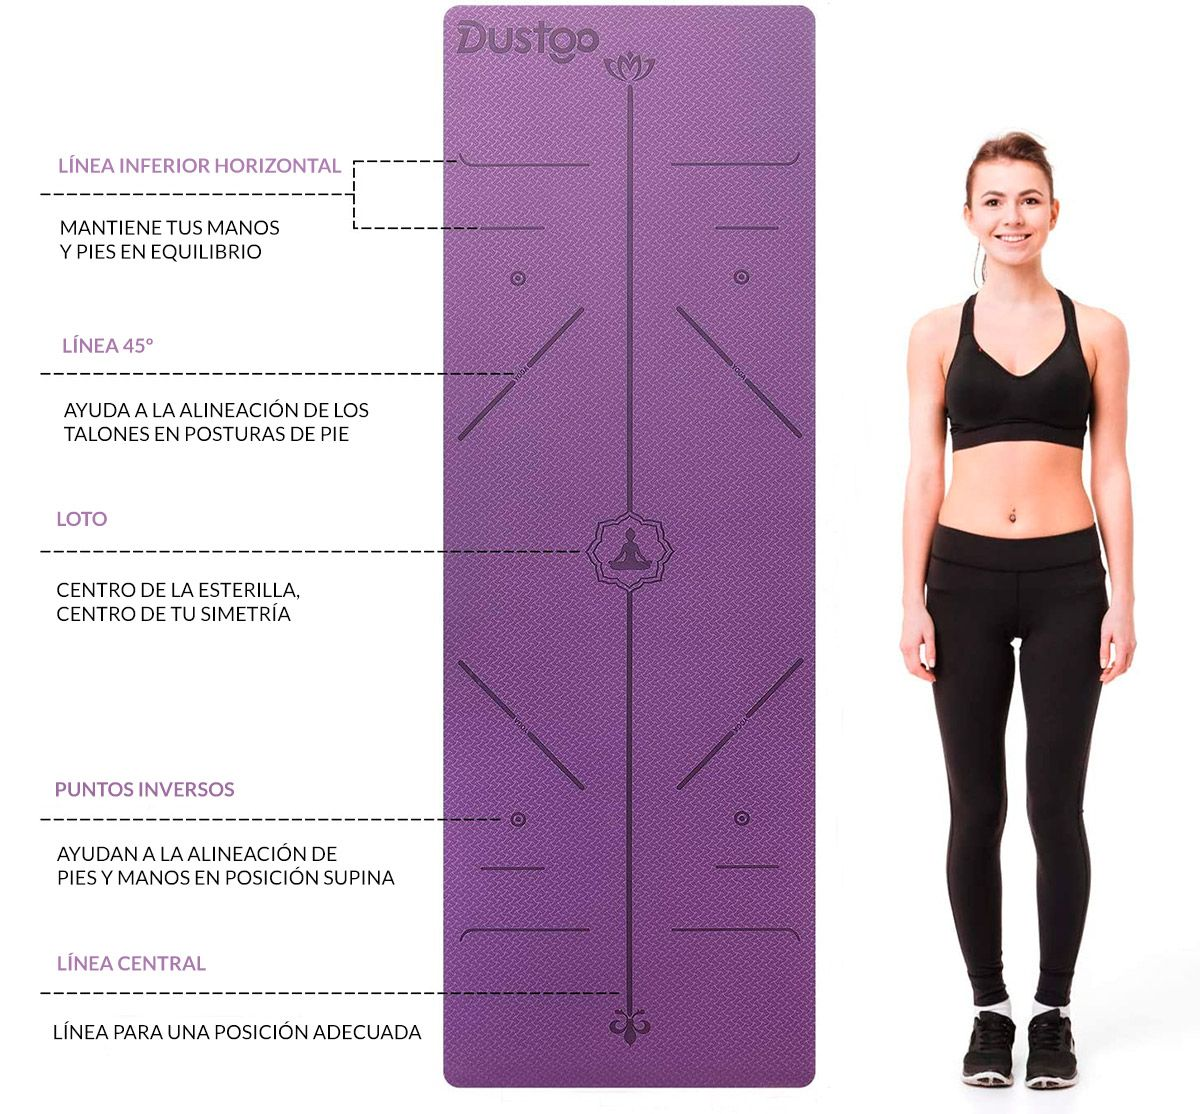 moda y accesorios para hacer yoga - esterillas con líneas